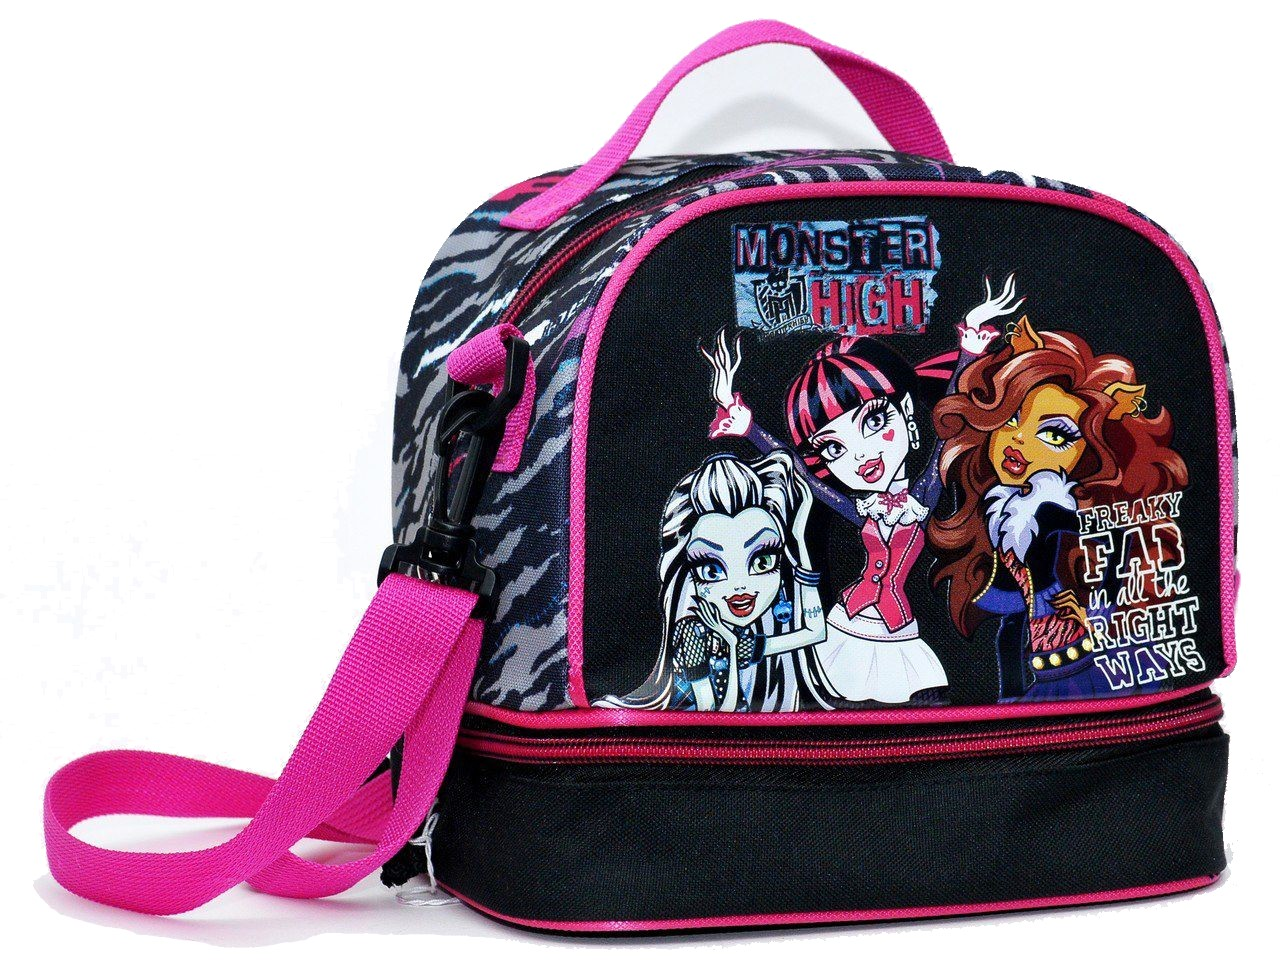 Τσαντακι Φαγητού Obαλ Monster High GIM 349-80220 σχολικες τσαντες   τσάντες νηπιαγωγείου   για κοριτσάκια